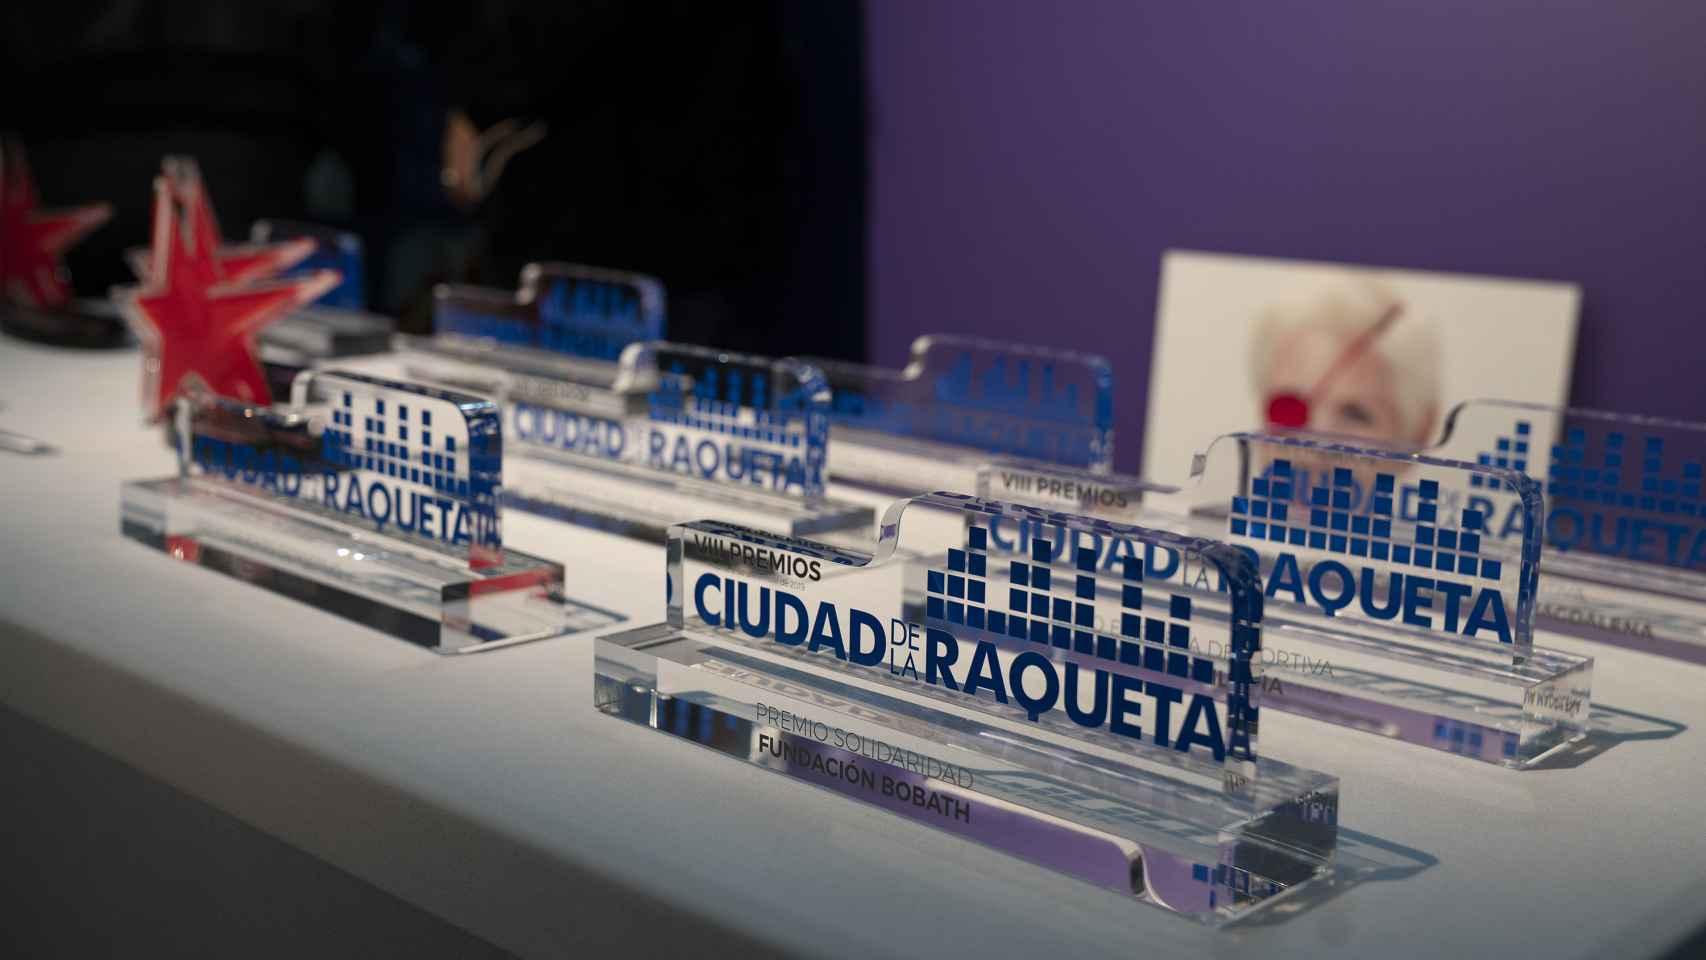 Las mejores imágenes de los Premios Ciudad de la Raqueta y María de Villota